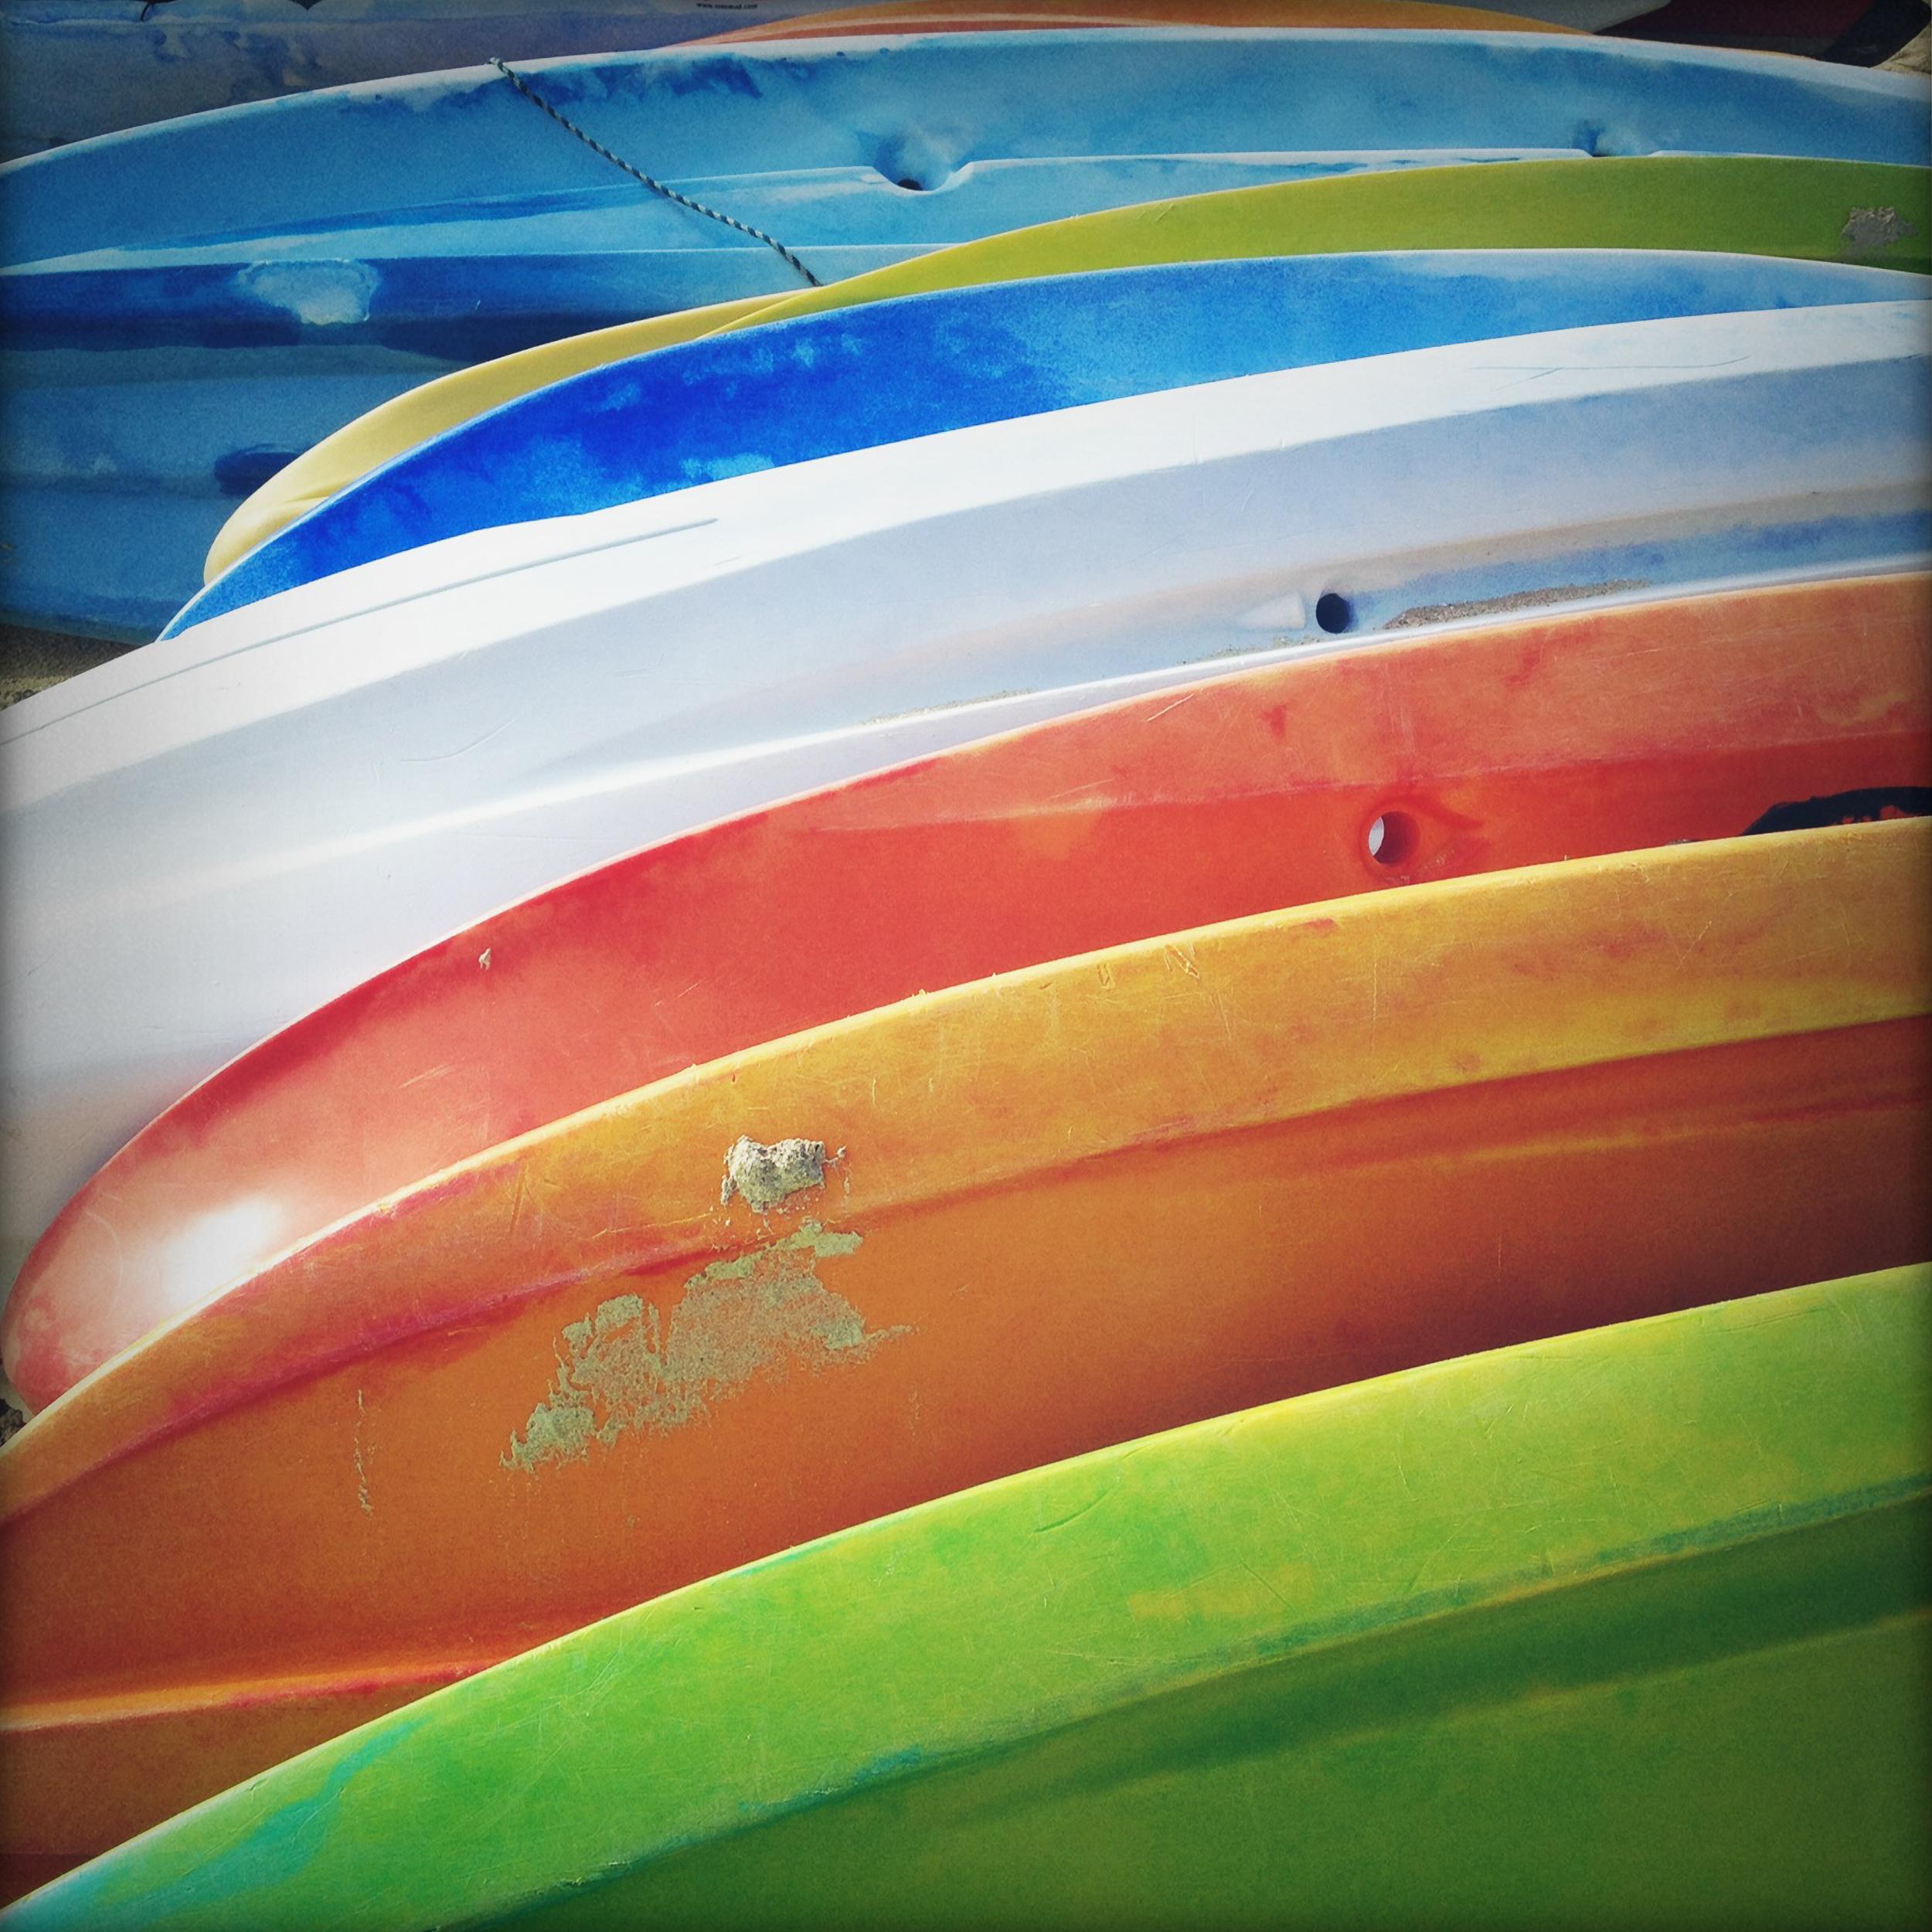 Kayak Abstract